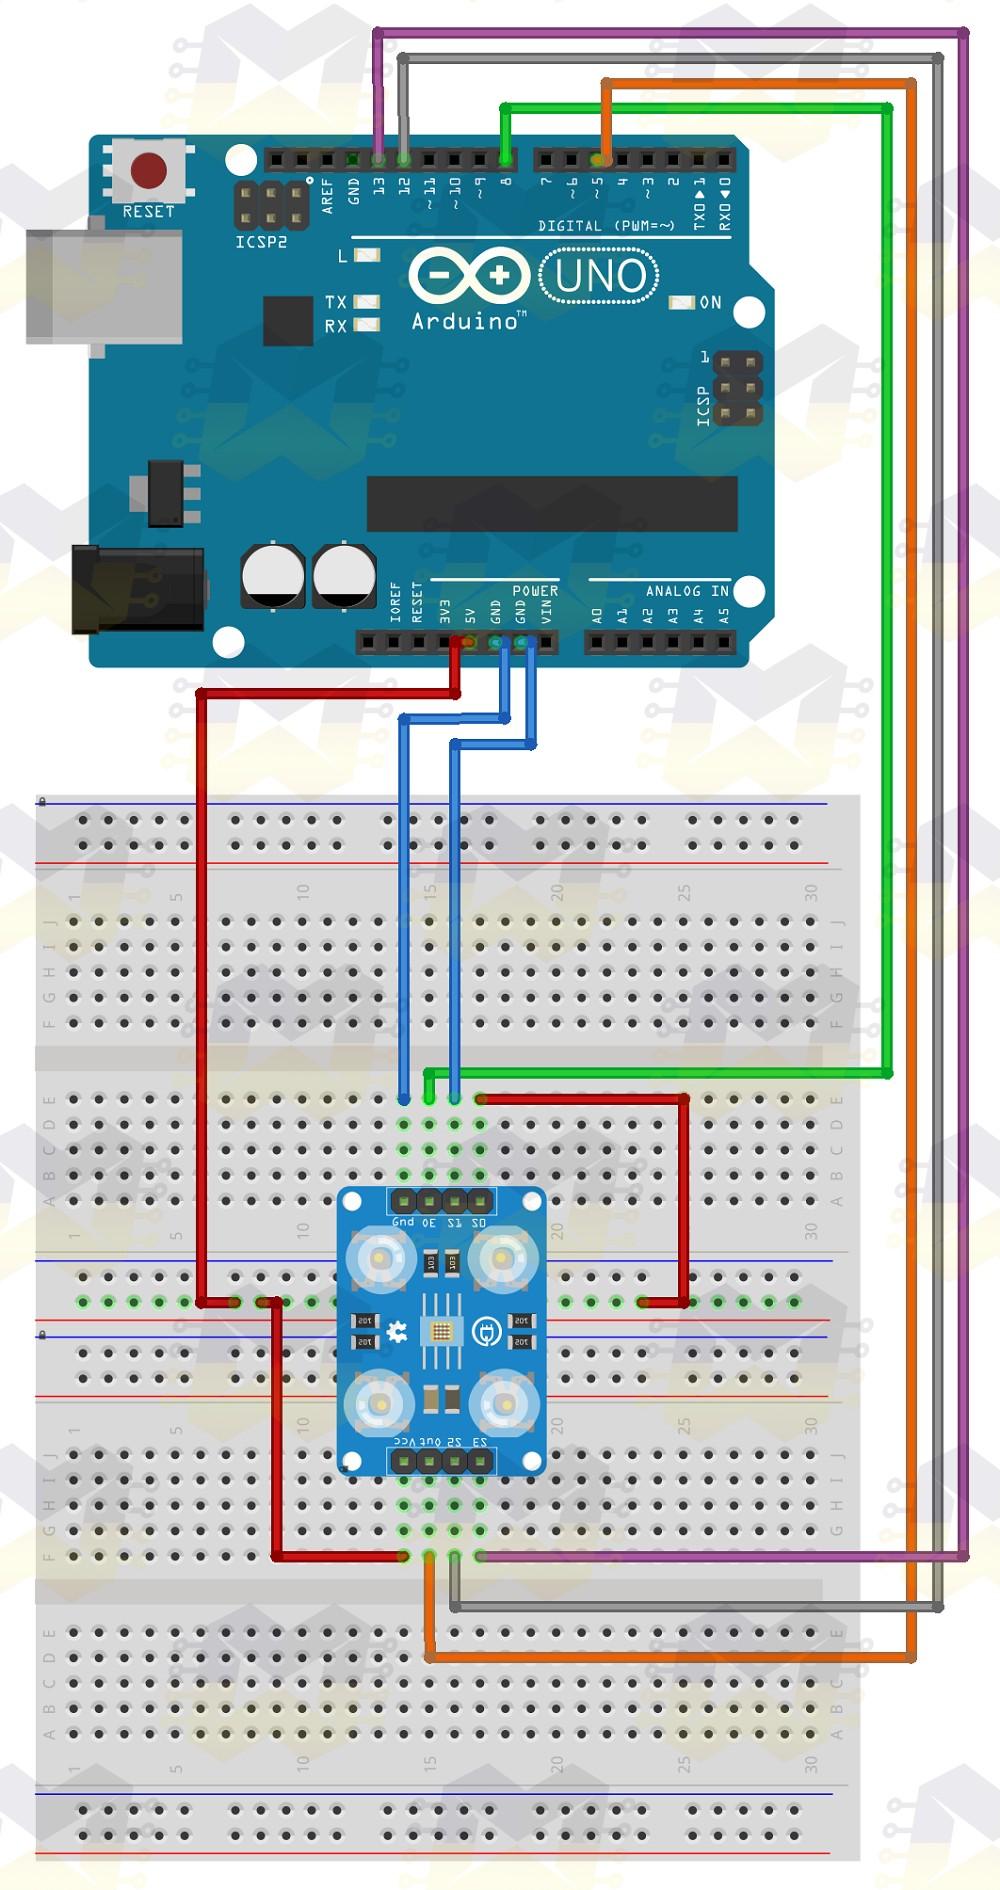 img01_como_usar_com_arduino_sensor_de_cor_tcs230_tcs3200_color_cores_objetos_rgb_pwm_diodo_led_uno_mega_esp8266